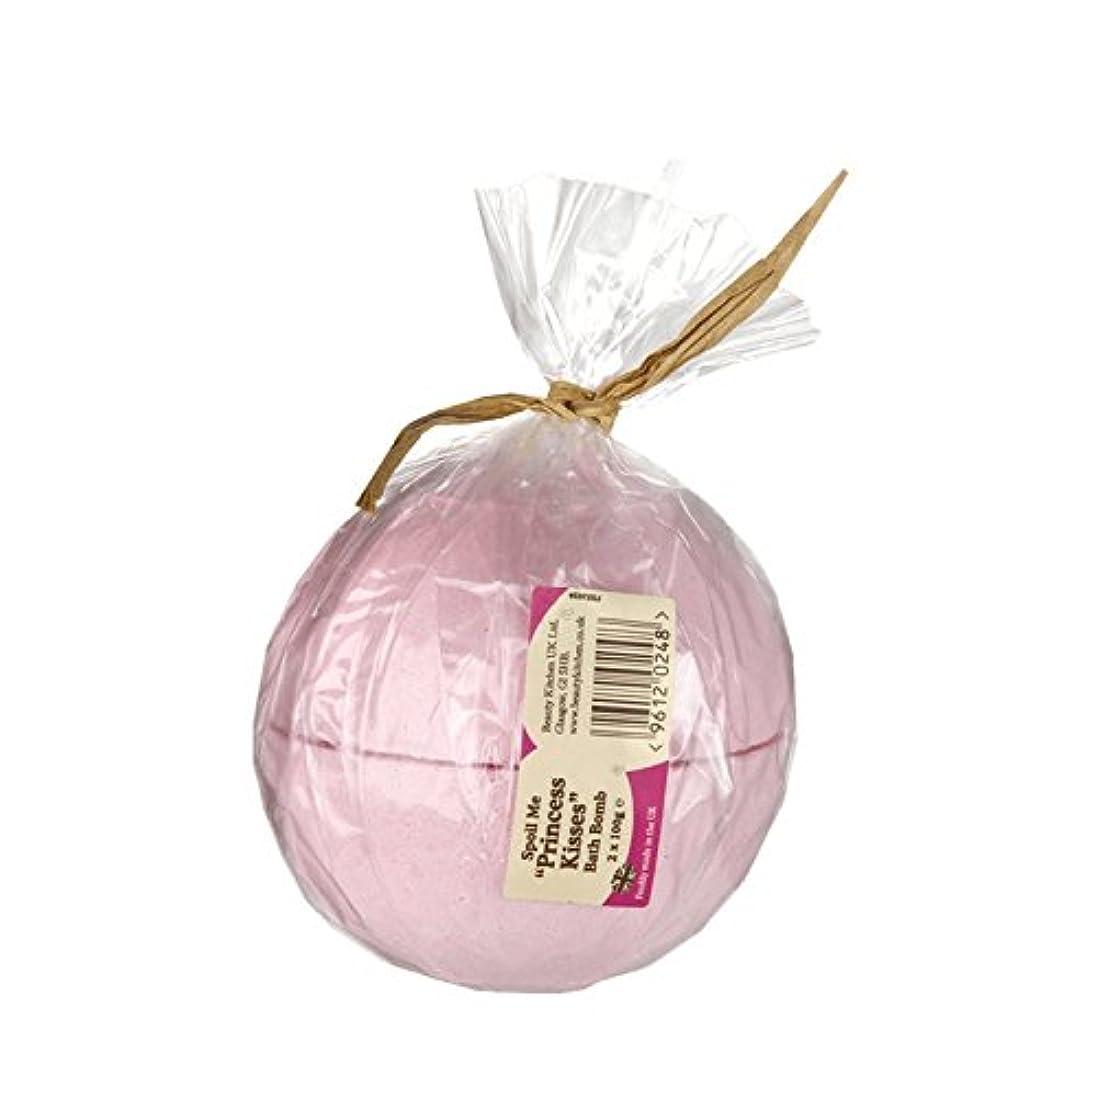 応援する記念品防腐剤Beauty Kitchen Spoil Me Princess Kisses Bath Bomb 2 x 100g (Pack of 2) - 私台無し美容キッチン王女は、お風呂爆弾2×100グラムをキス (x2) [...